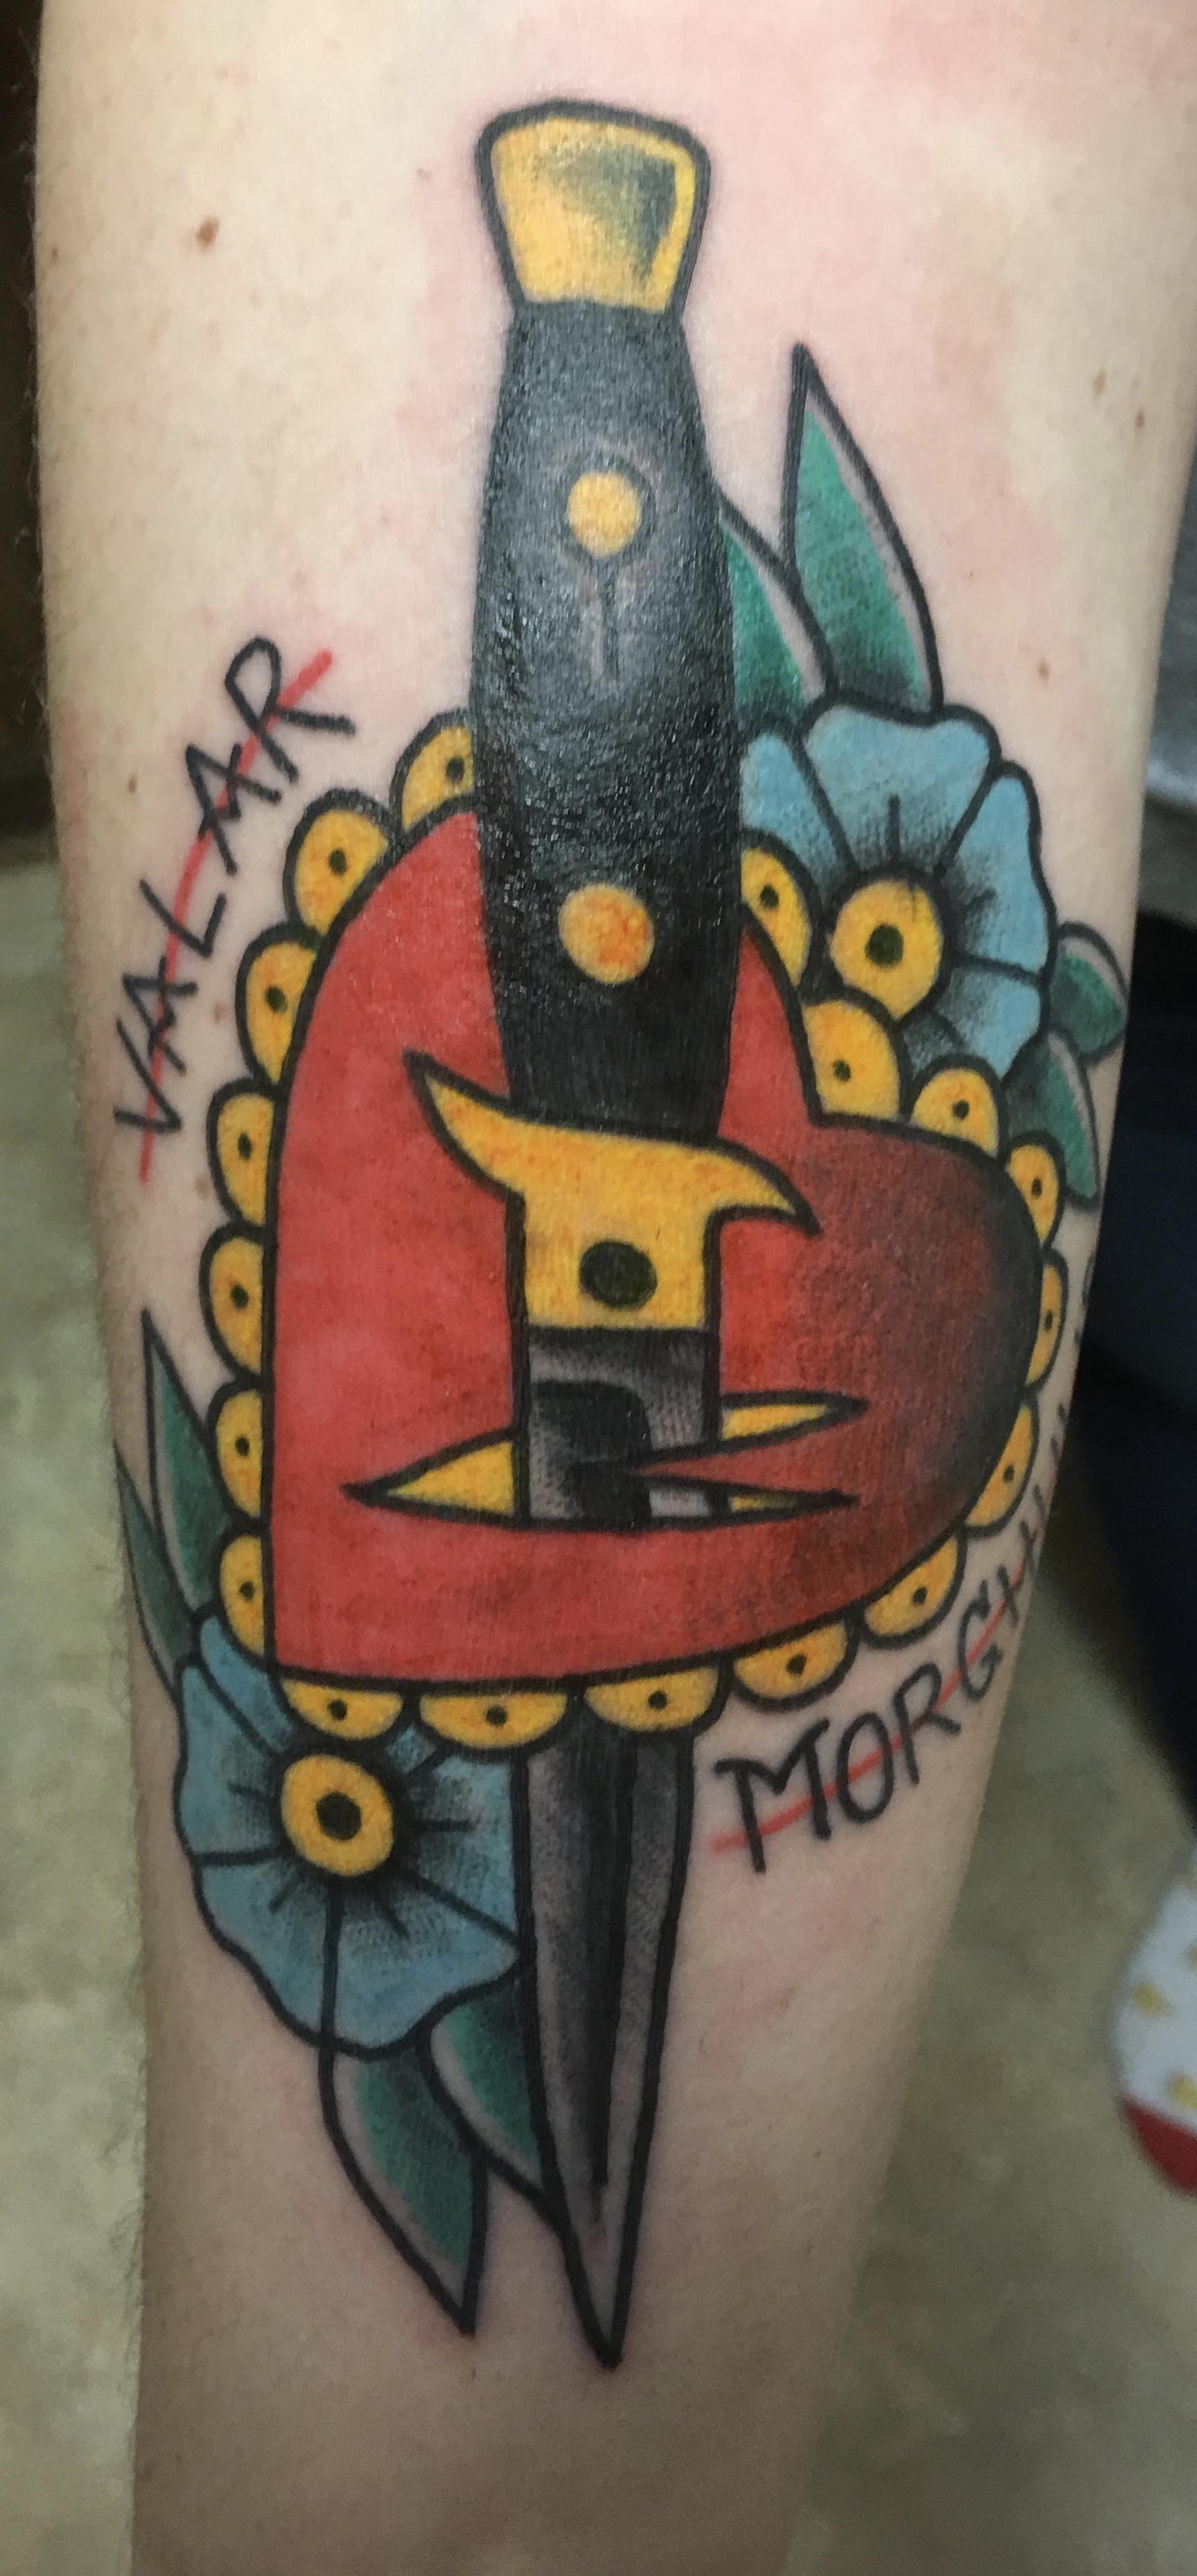 Liquid Metal Tattoo : liquid, metal, tattoo, Valar, Morghulis, Second, Tattoo, Jackie, Spillane, Liquid, Metal, Point, Tattoo,, Tattoos,, Geometric